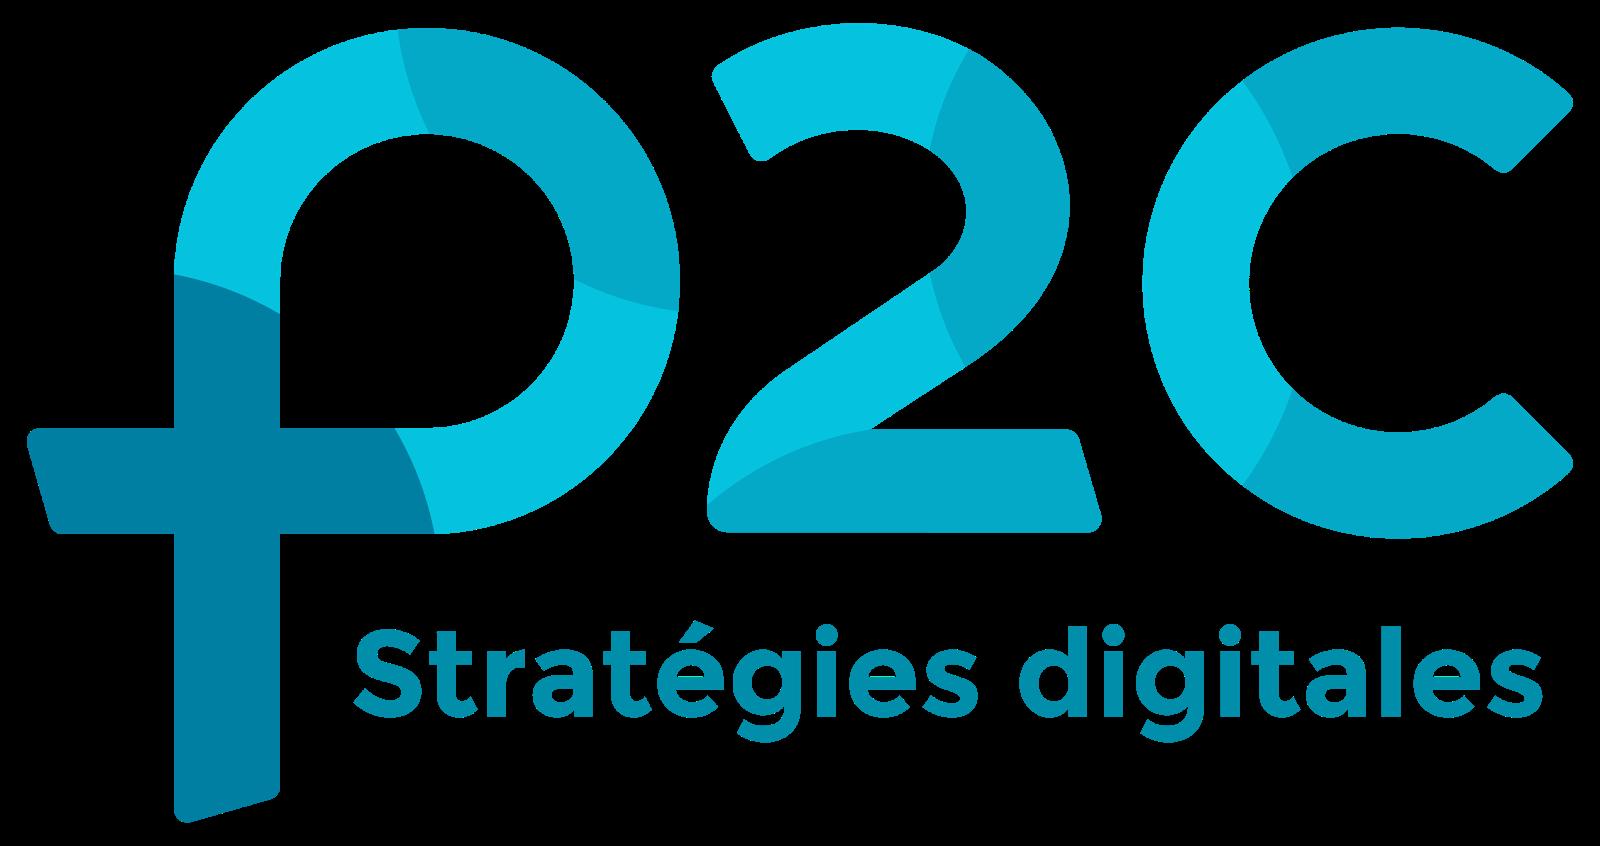 P2C Stratégies digitales